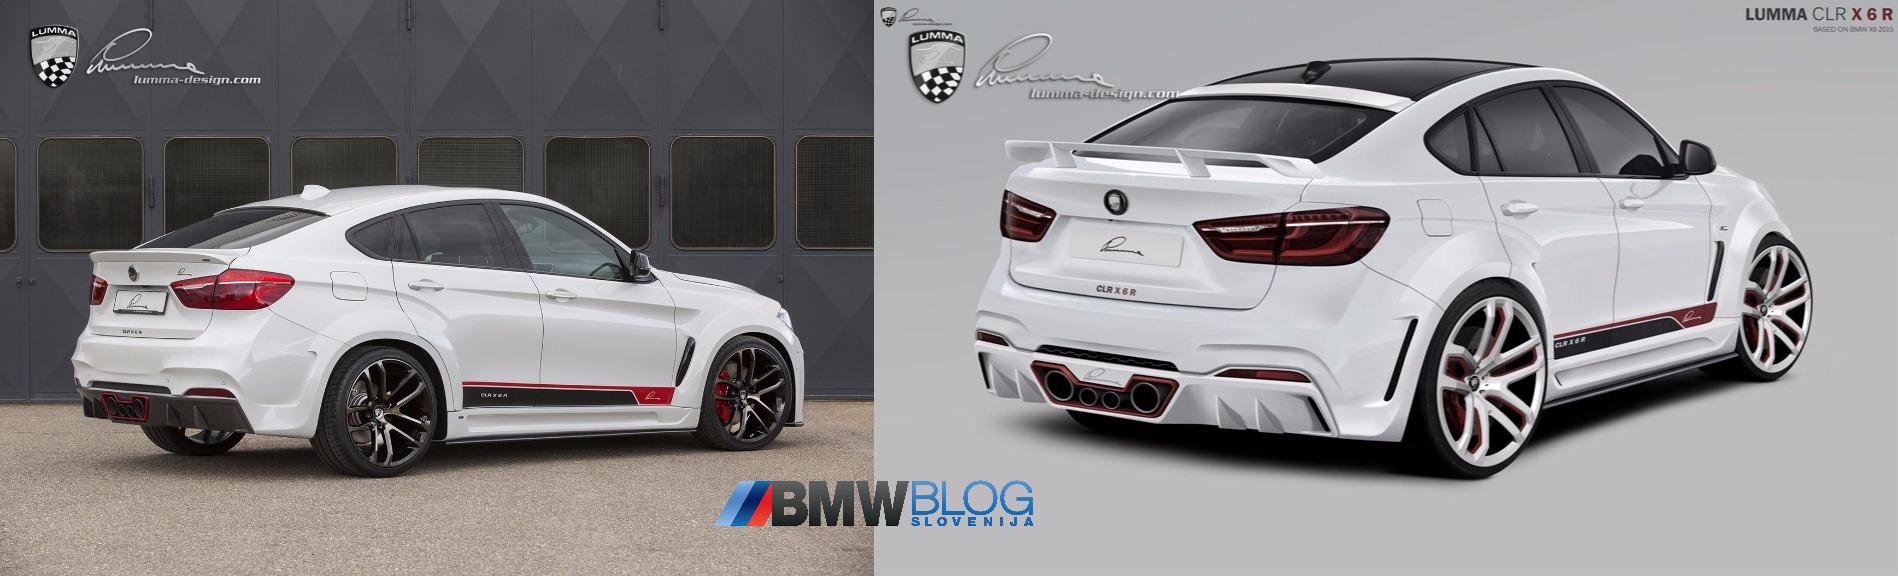 2015 Bmw >> BMWBLOG gallery